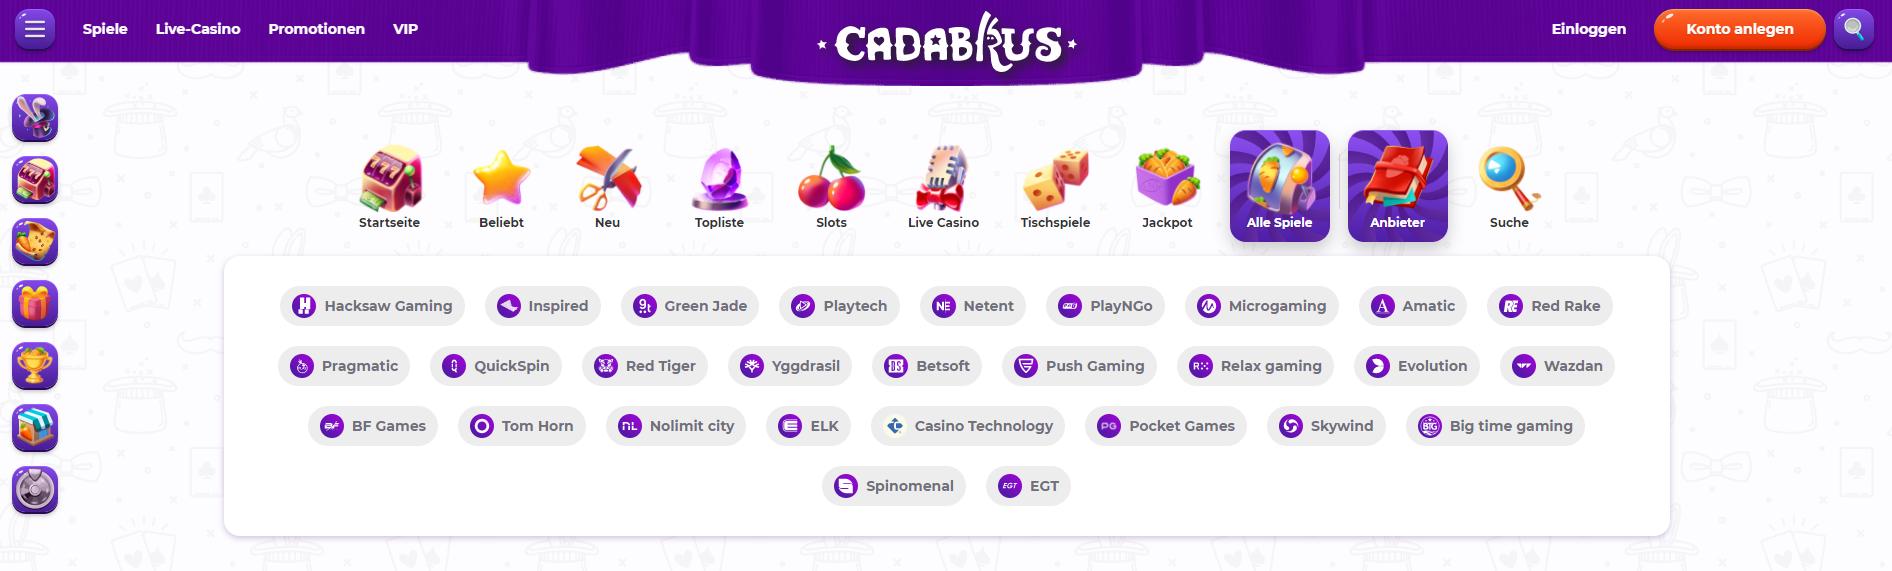 cadabrus-casino-alle-anbeiter-spiele-test-vergleich